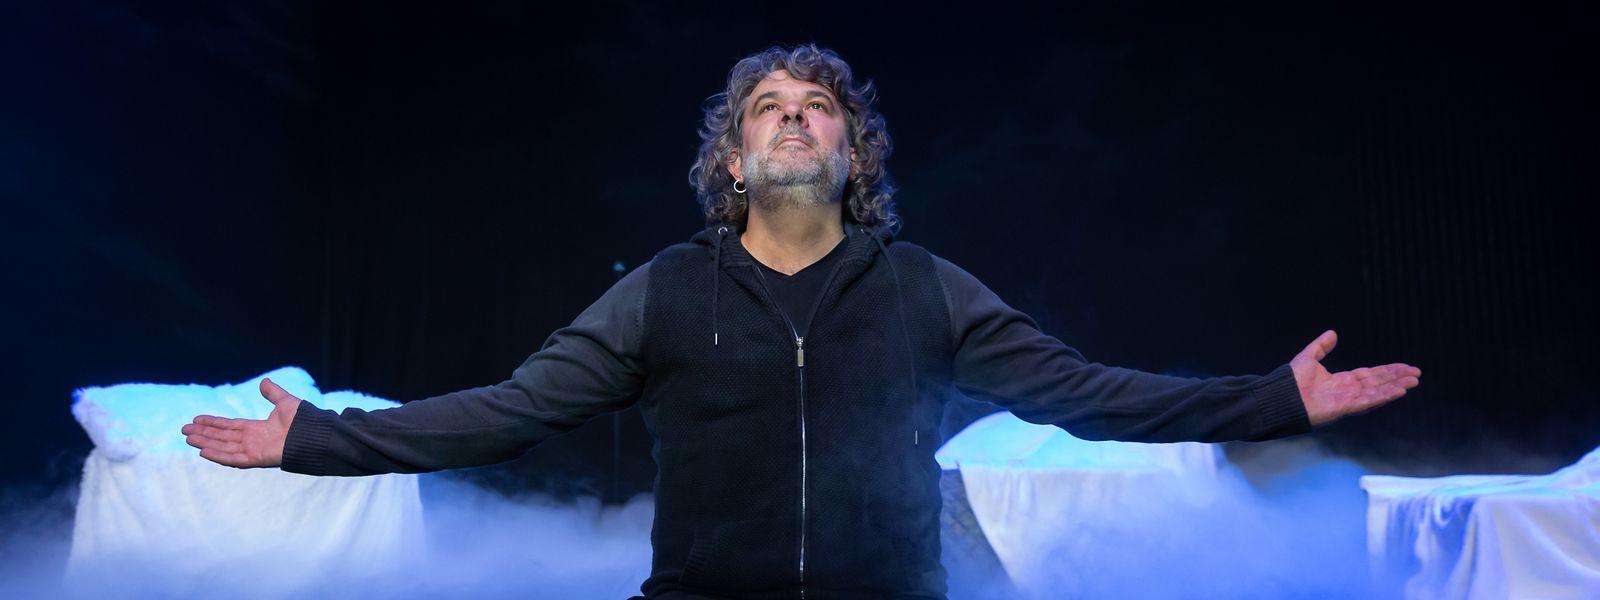 """Serge Tonnar inszeniert für das Kasemattentheater """"Rote Nelken für Herkul Grün"""", ein provokantes Stück von Roger Manderscheid."""